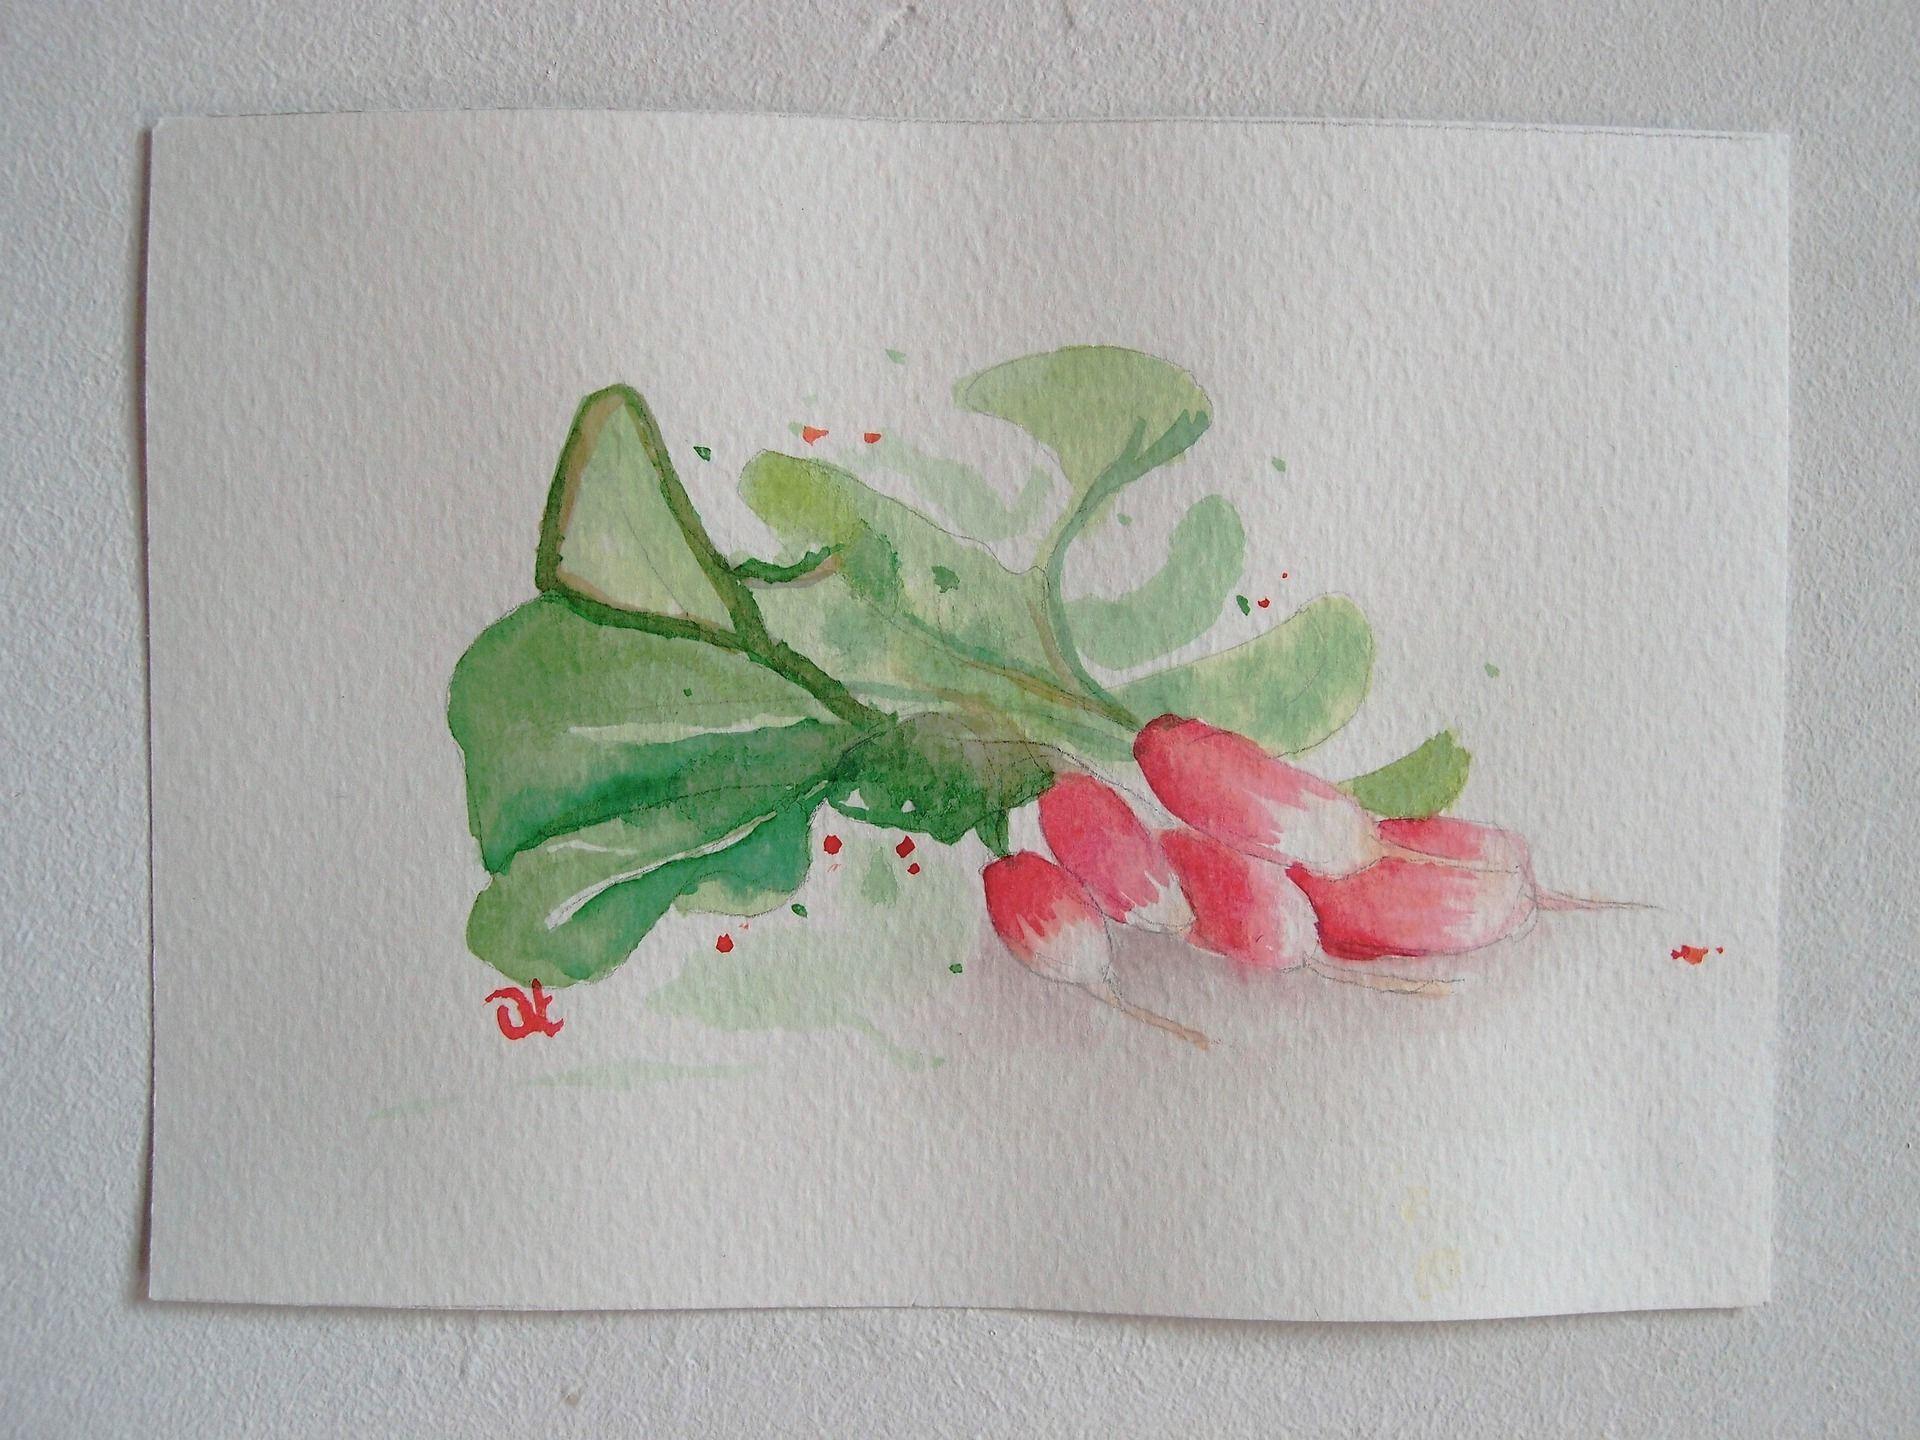 """Aquarelle """" R me radis"""" série alphabet format carte postale"""